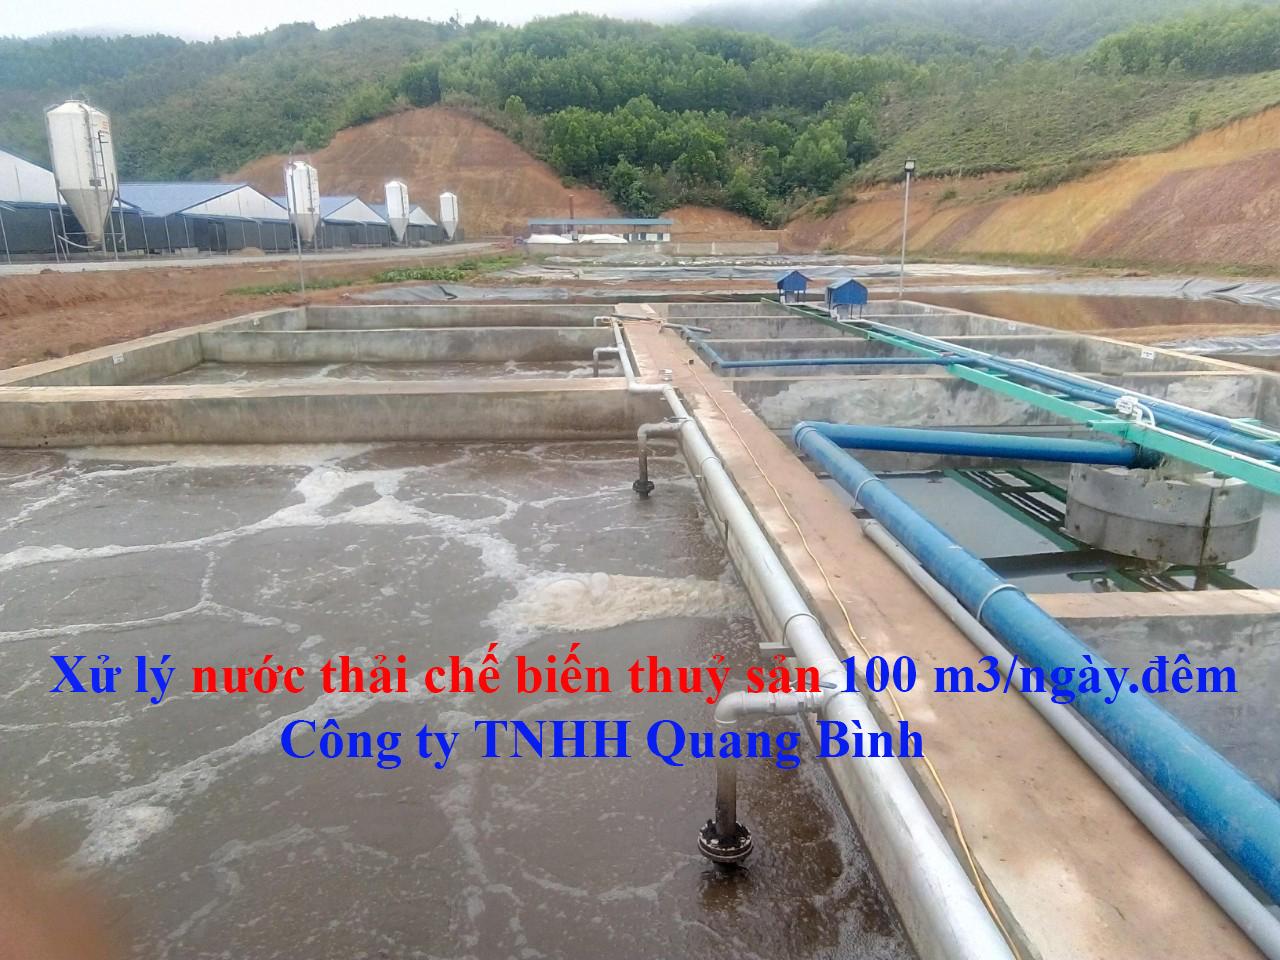 Xử lý nước thải chế biến thủy sản 100 m3 Quang Bình